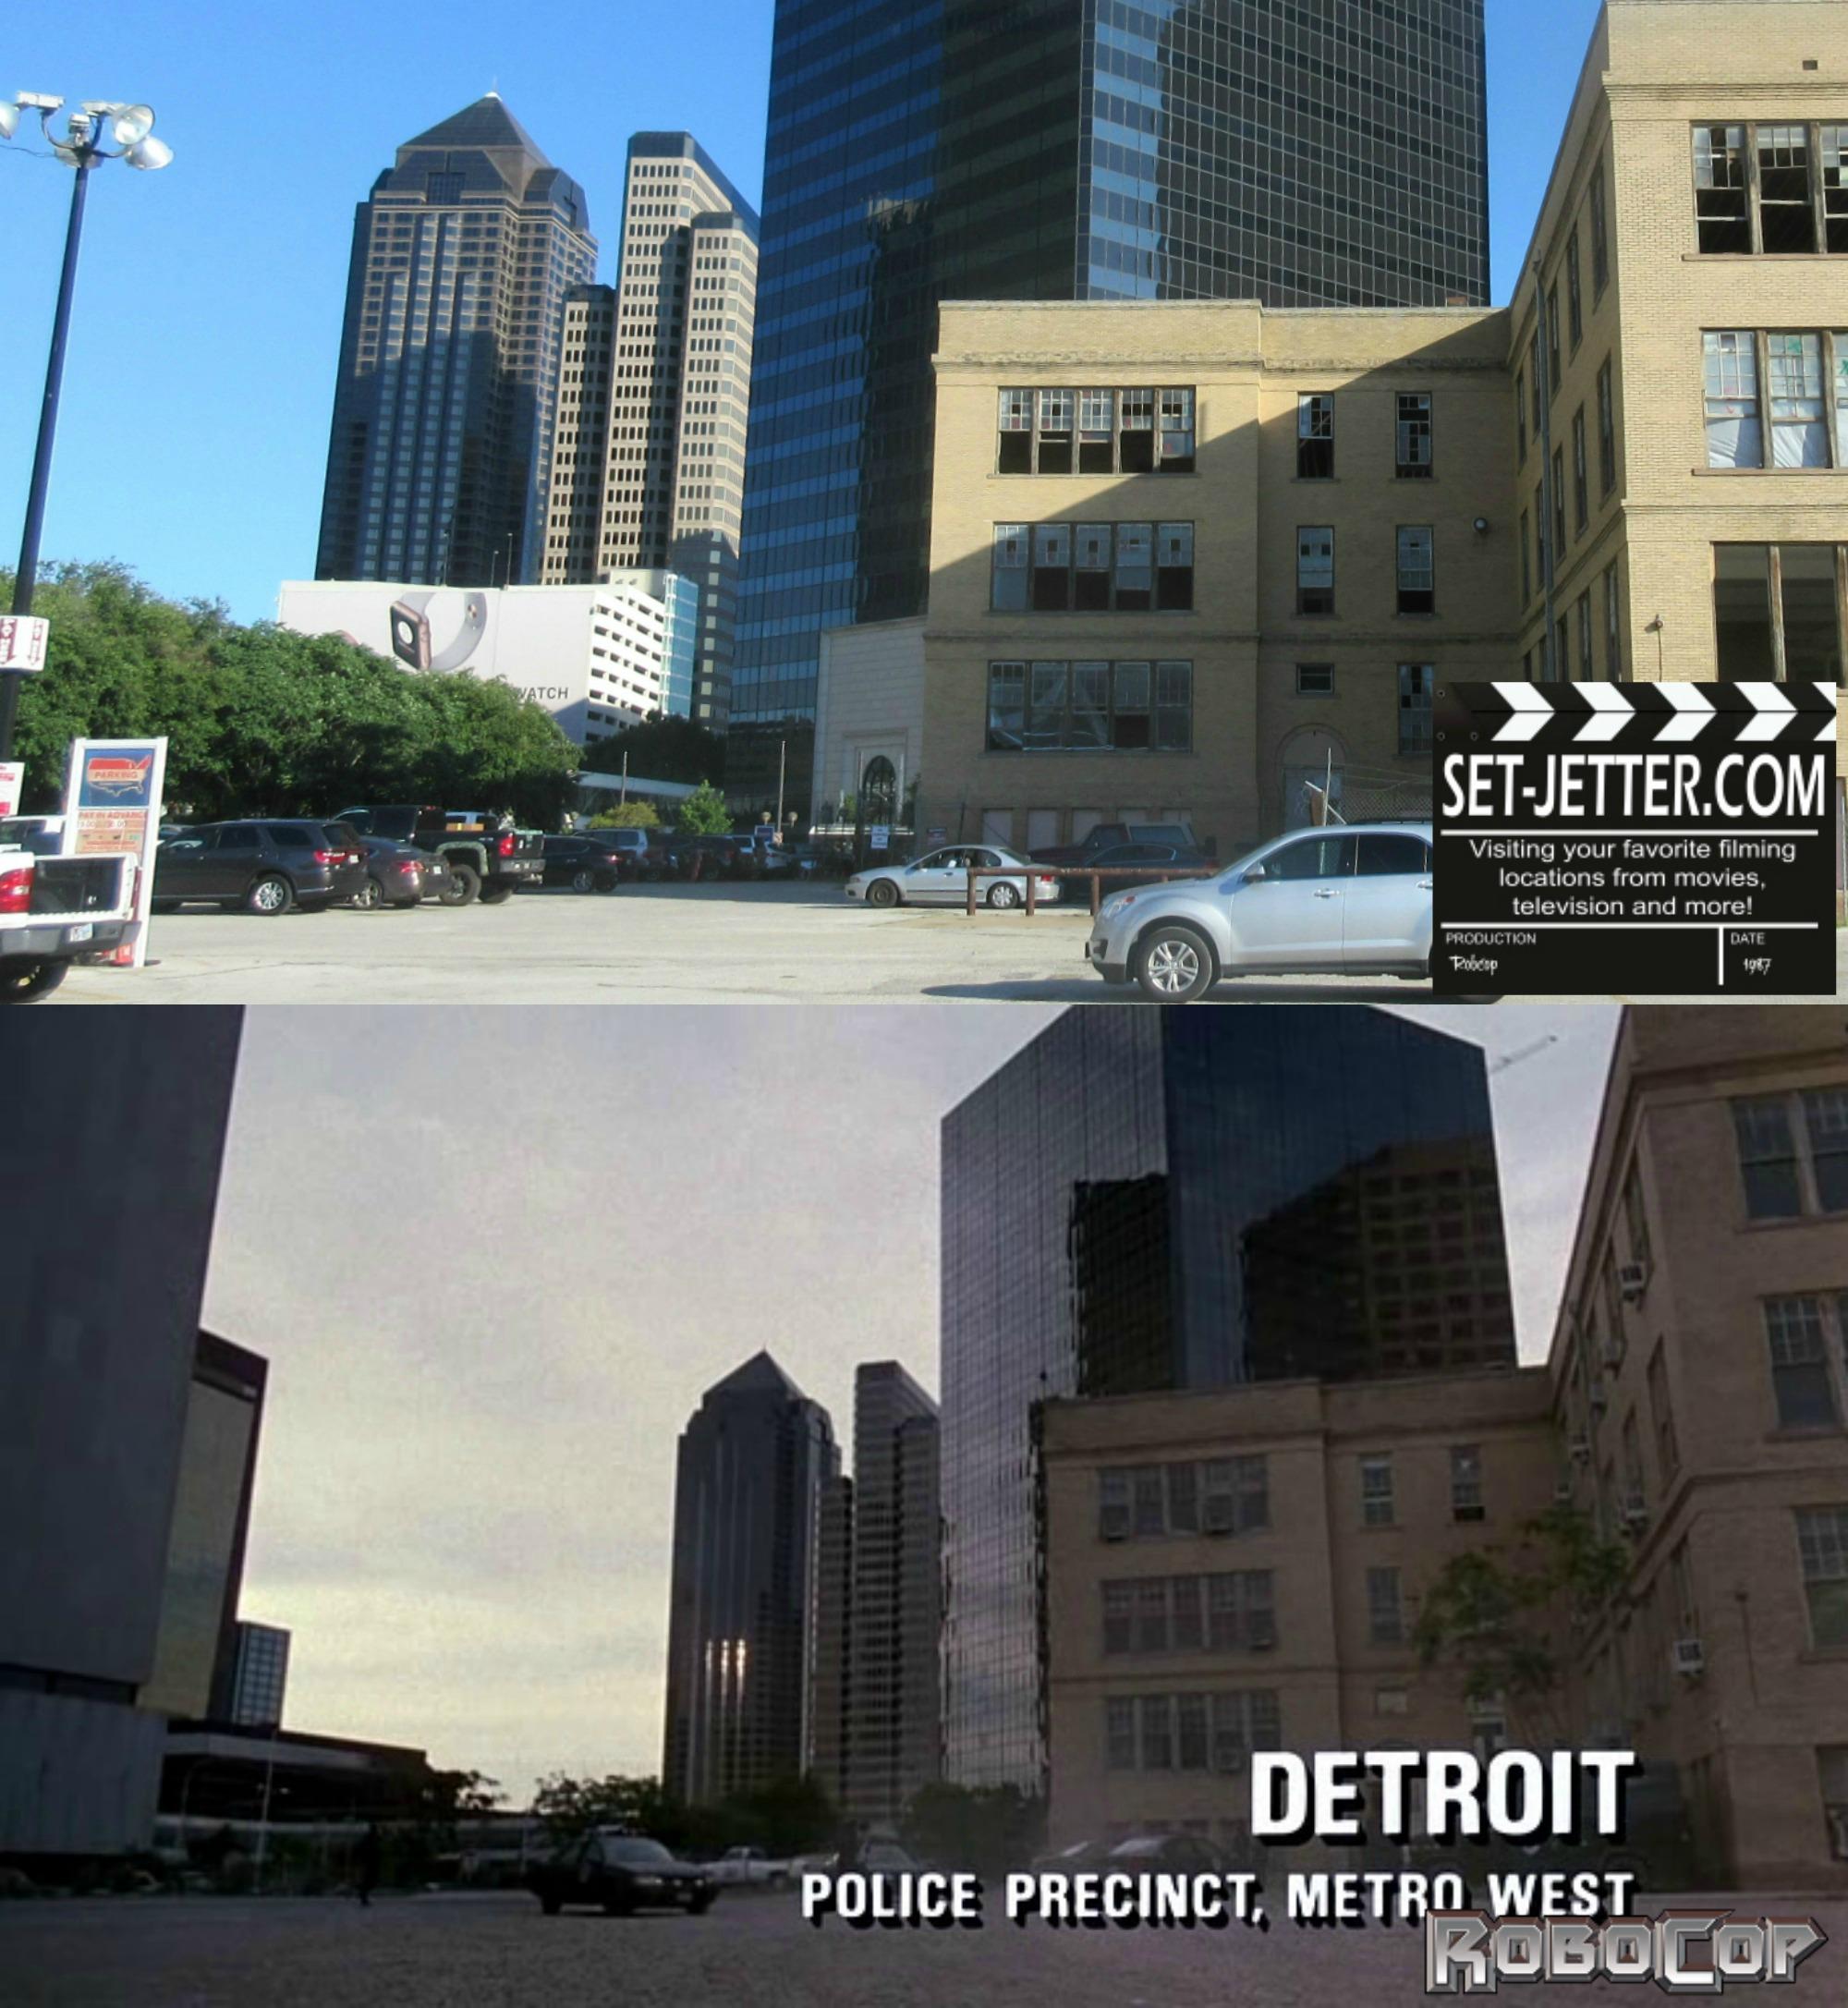 Robocop comparison 01.jpg